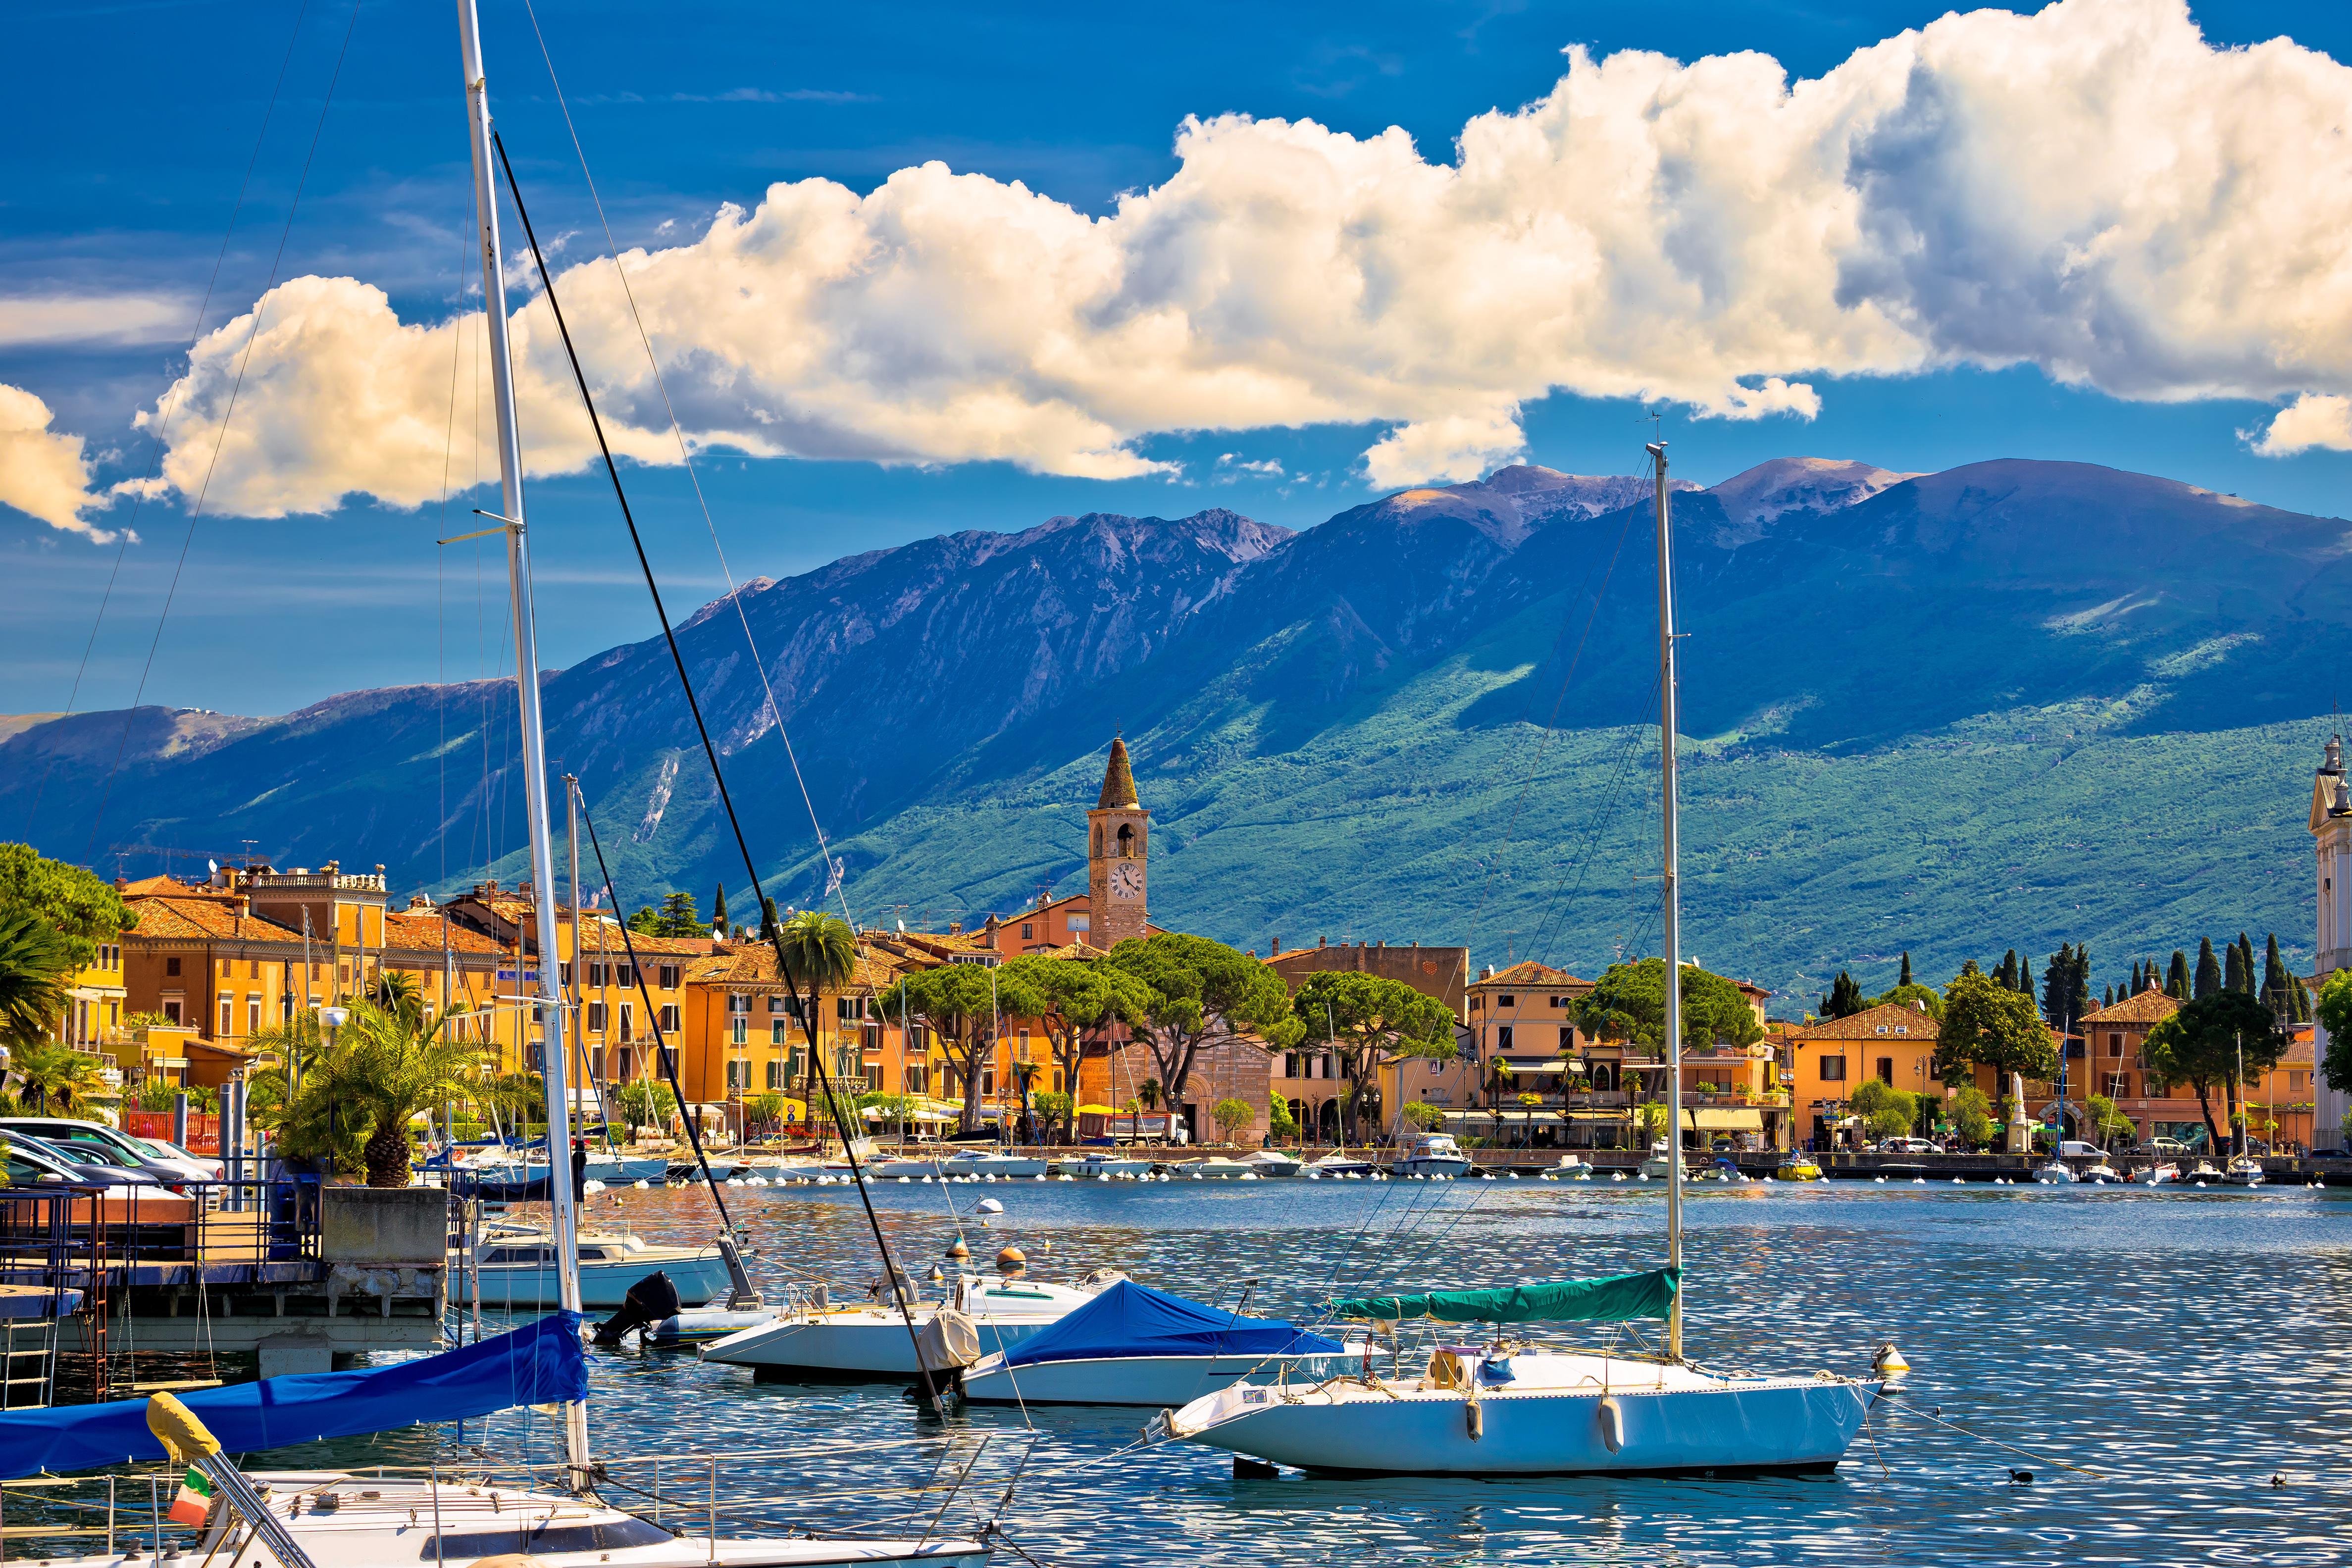 Senior Hotel, in vacanza sul Garda: confort, servizi dedicati, animazione e lago